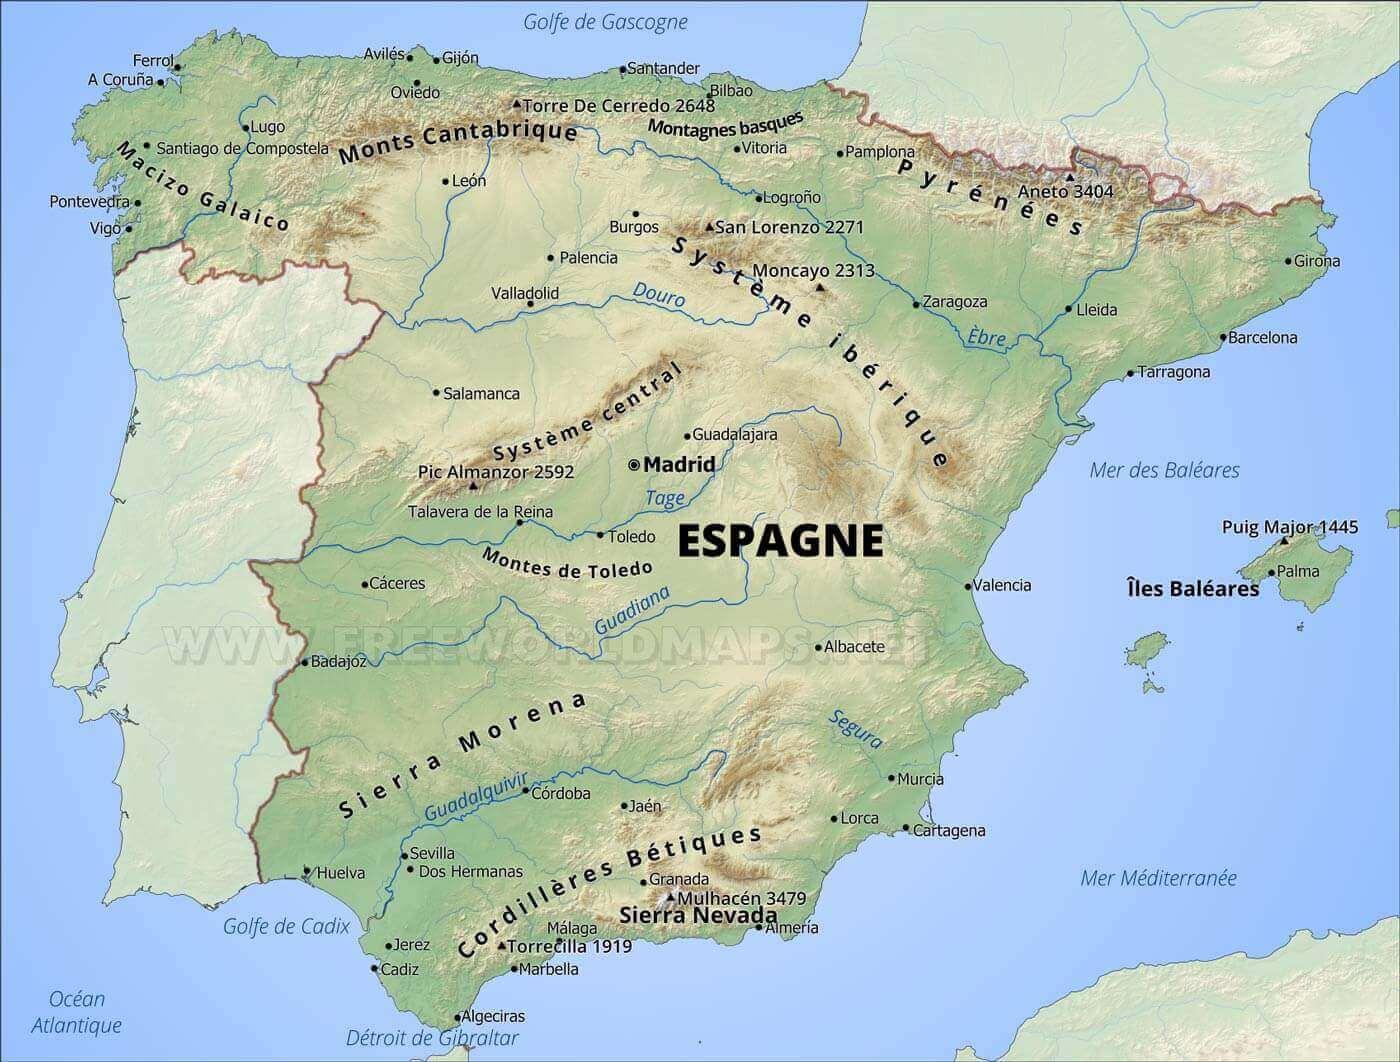 carte géographique de l espagne Carte geographique d'Espagne